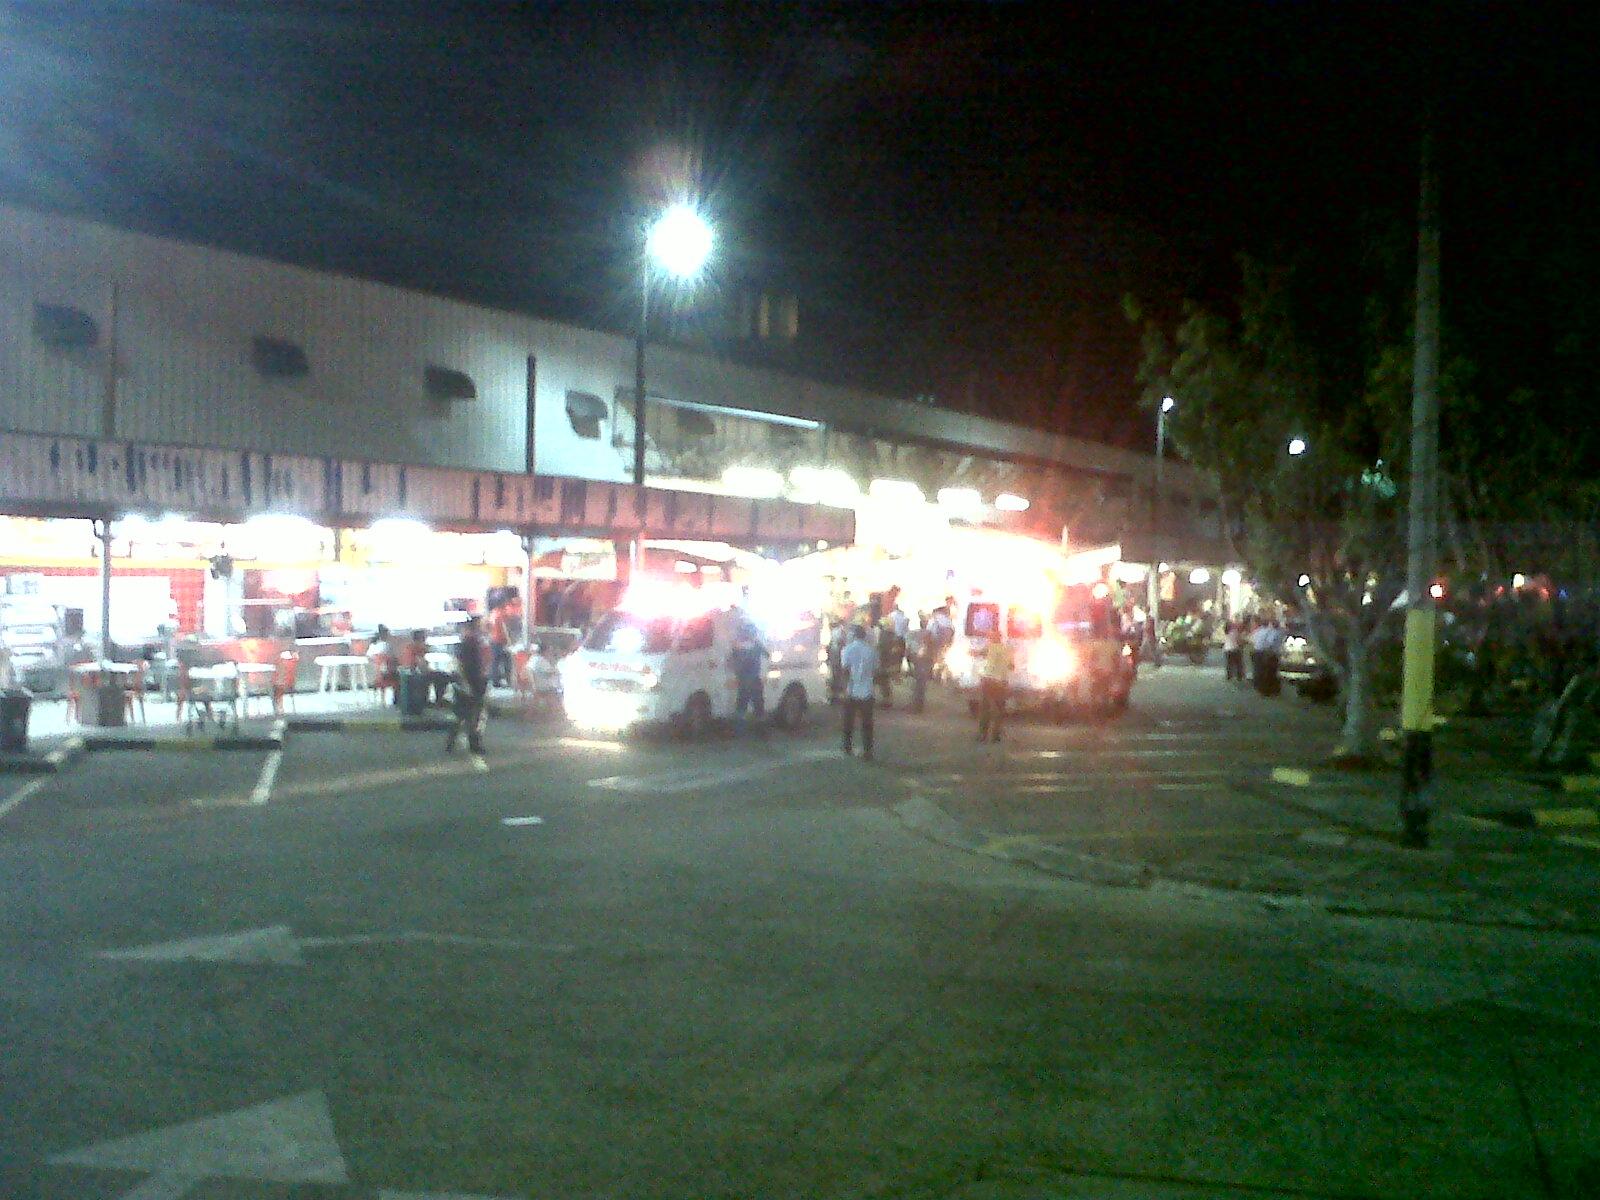 Emergencia en centro comercial en el sur de Cali